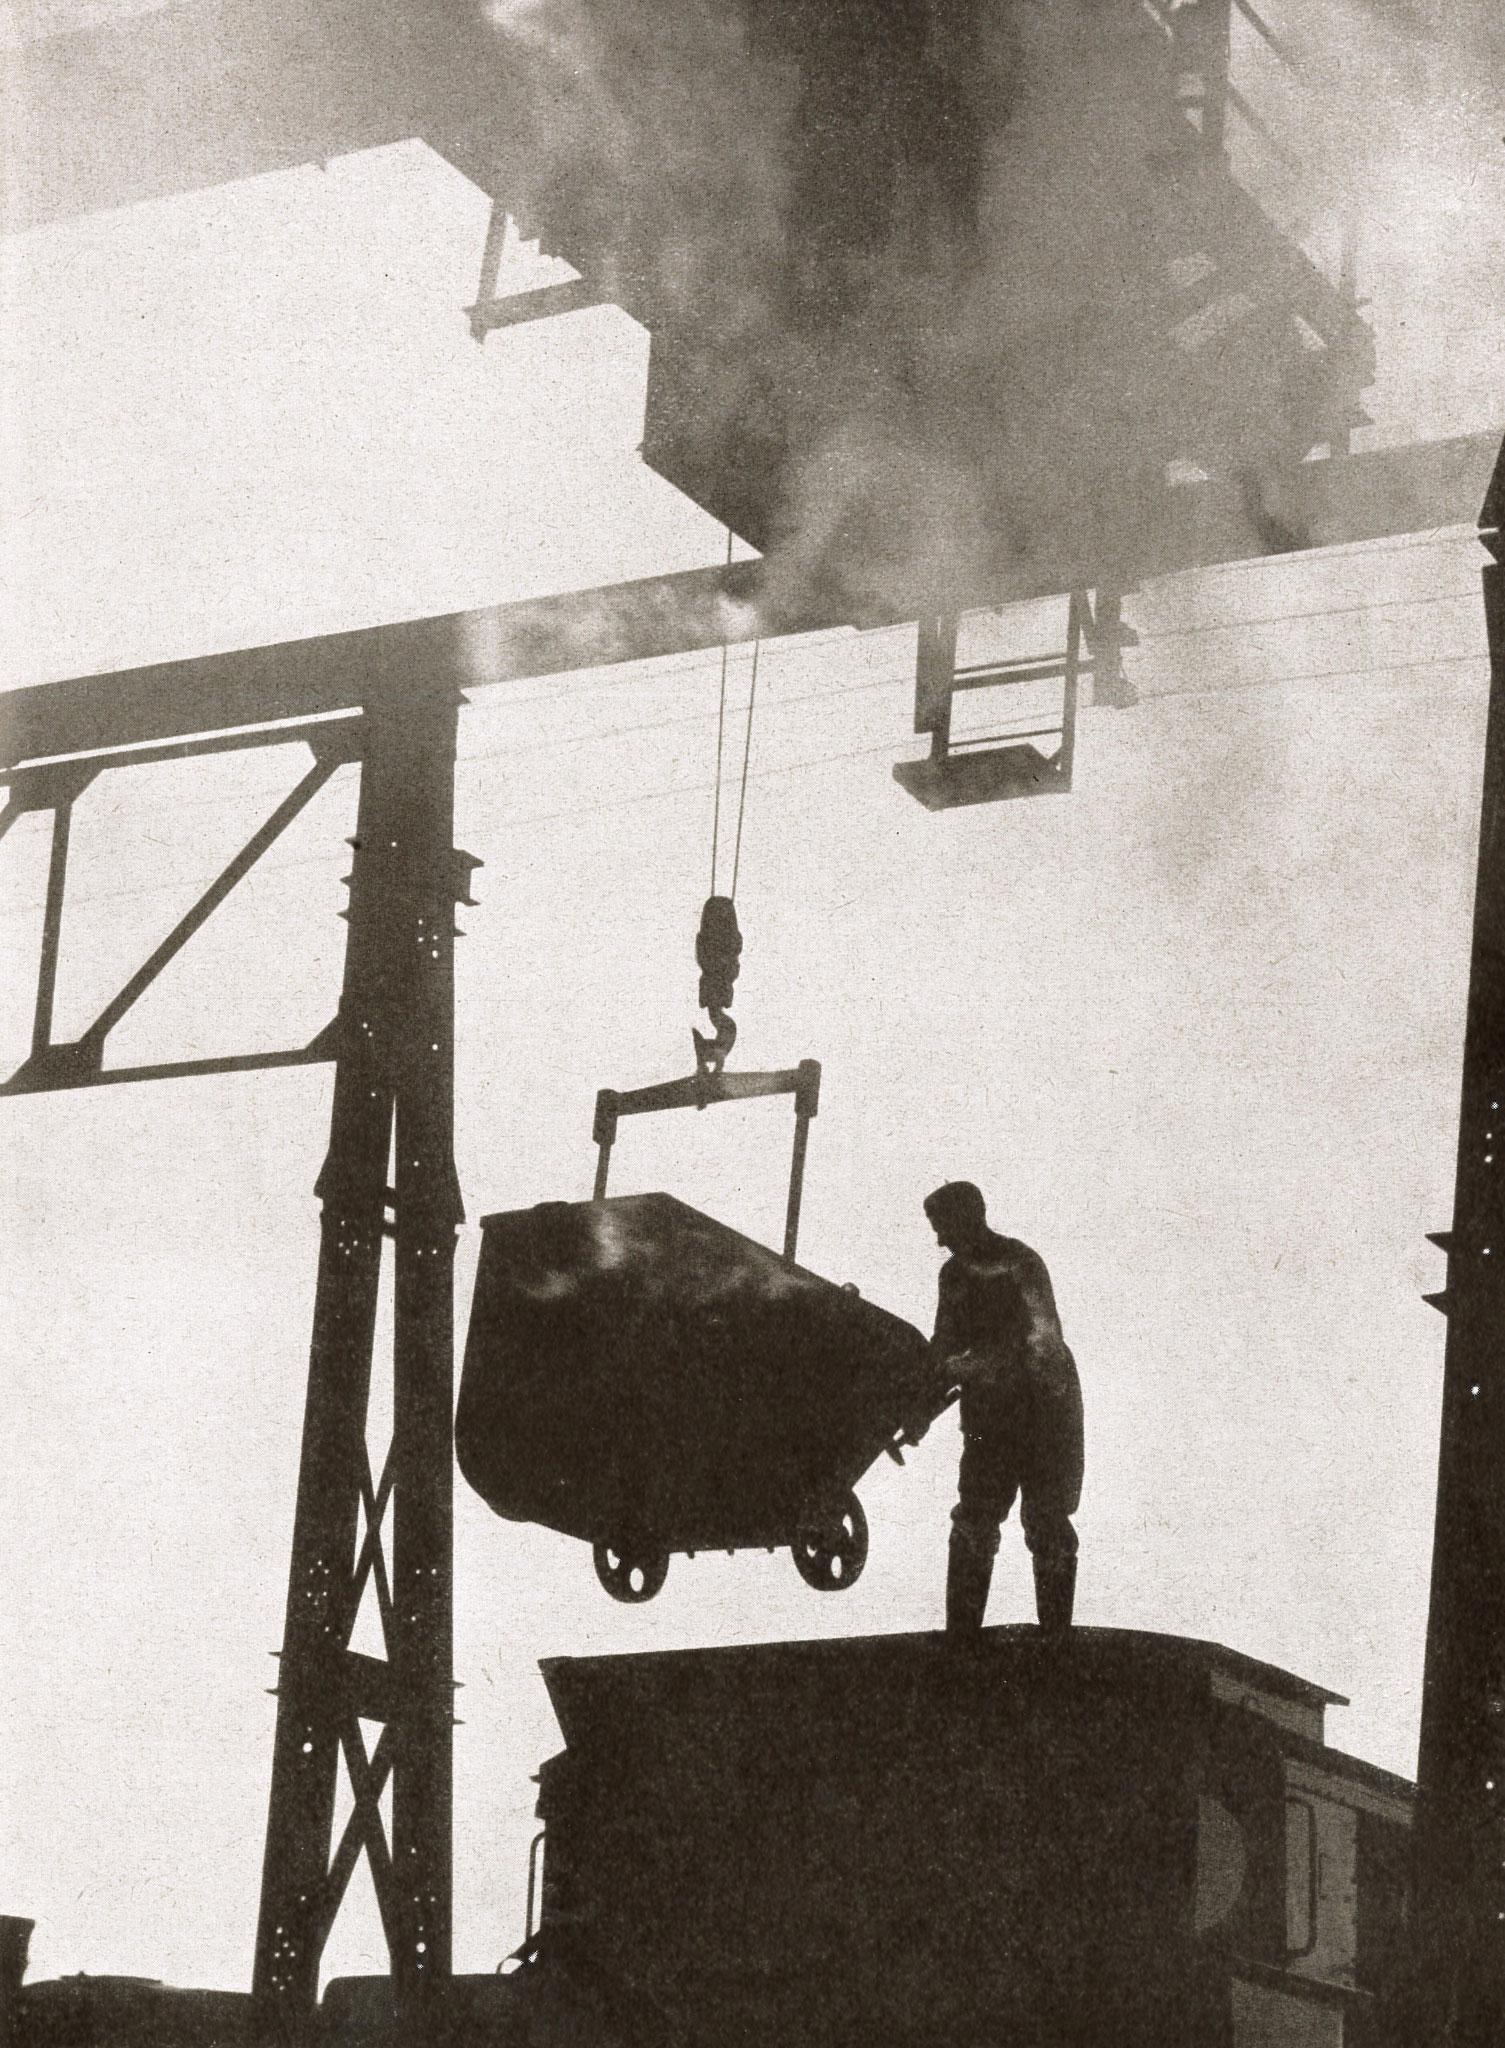 """Am Kohlenkran (Quelle: """"50 Jahre RAW, 50 Jahre Arbeiterbewegung"""", Zwickau, 1958 / Fotograf: Heinz Rogsch)"""